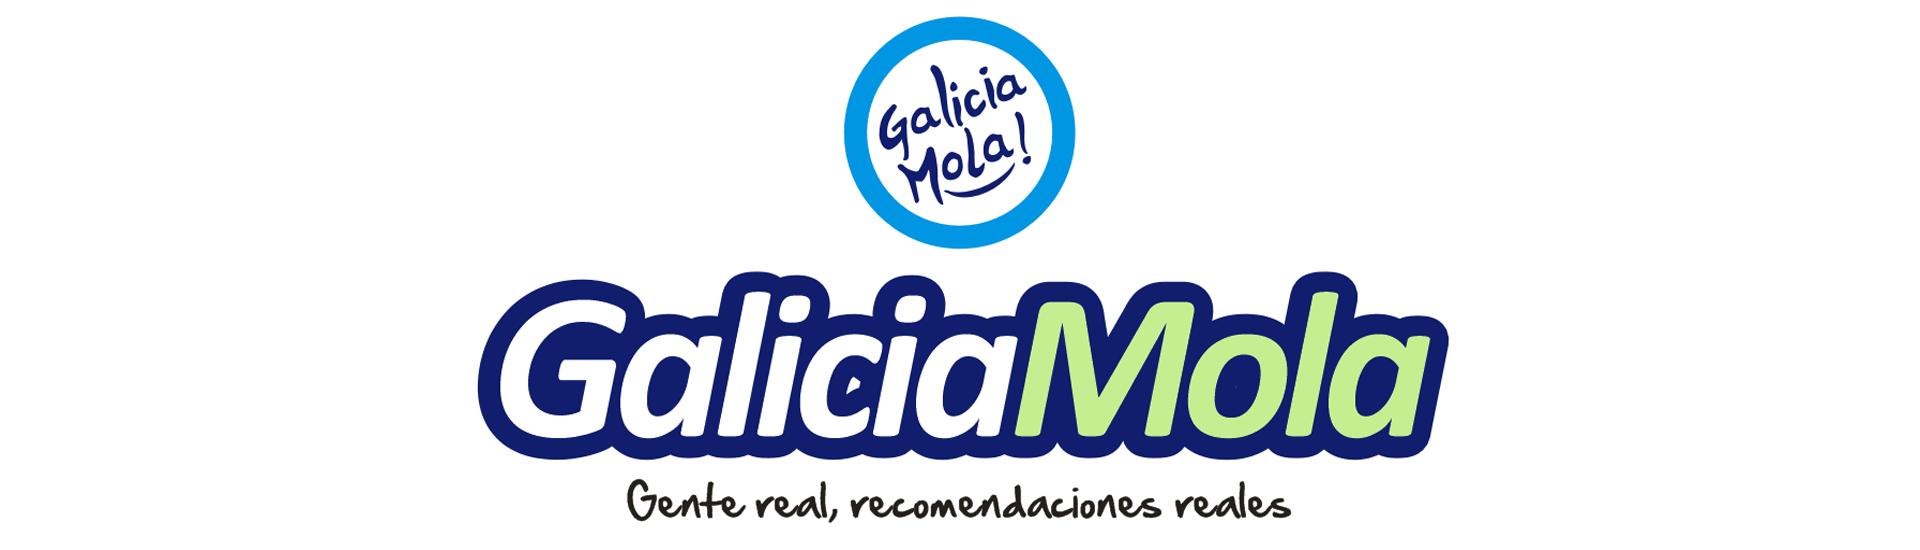 GaliciaMola, Gente Real, Recomendaciones Reales